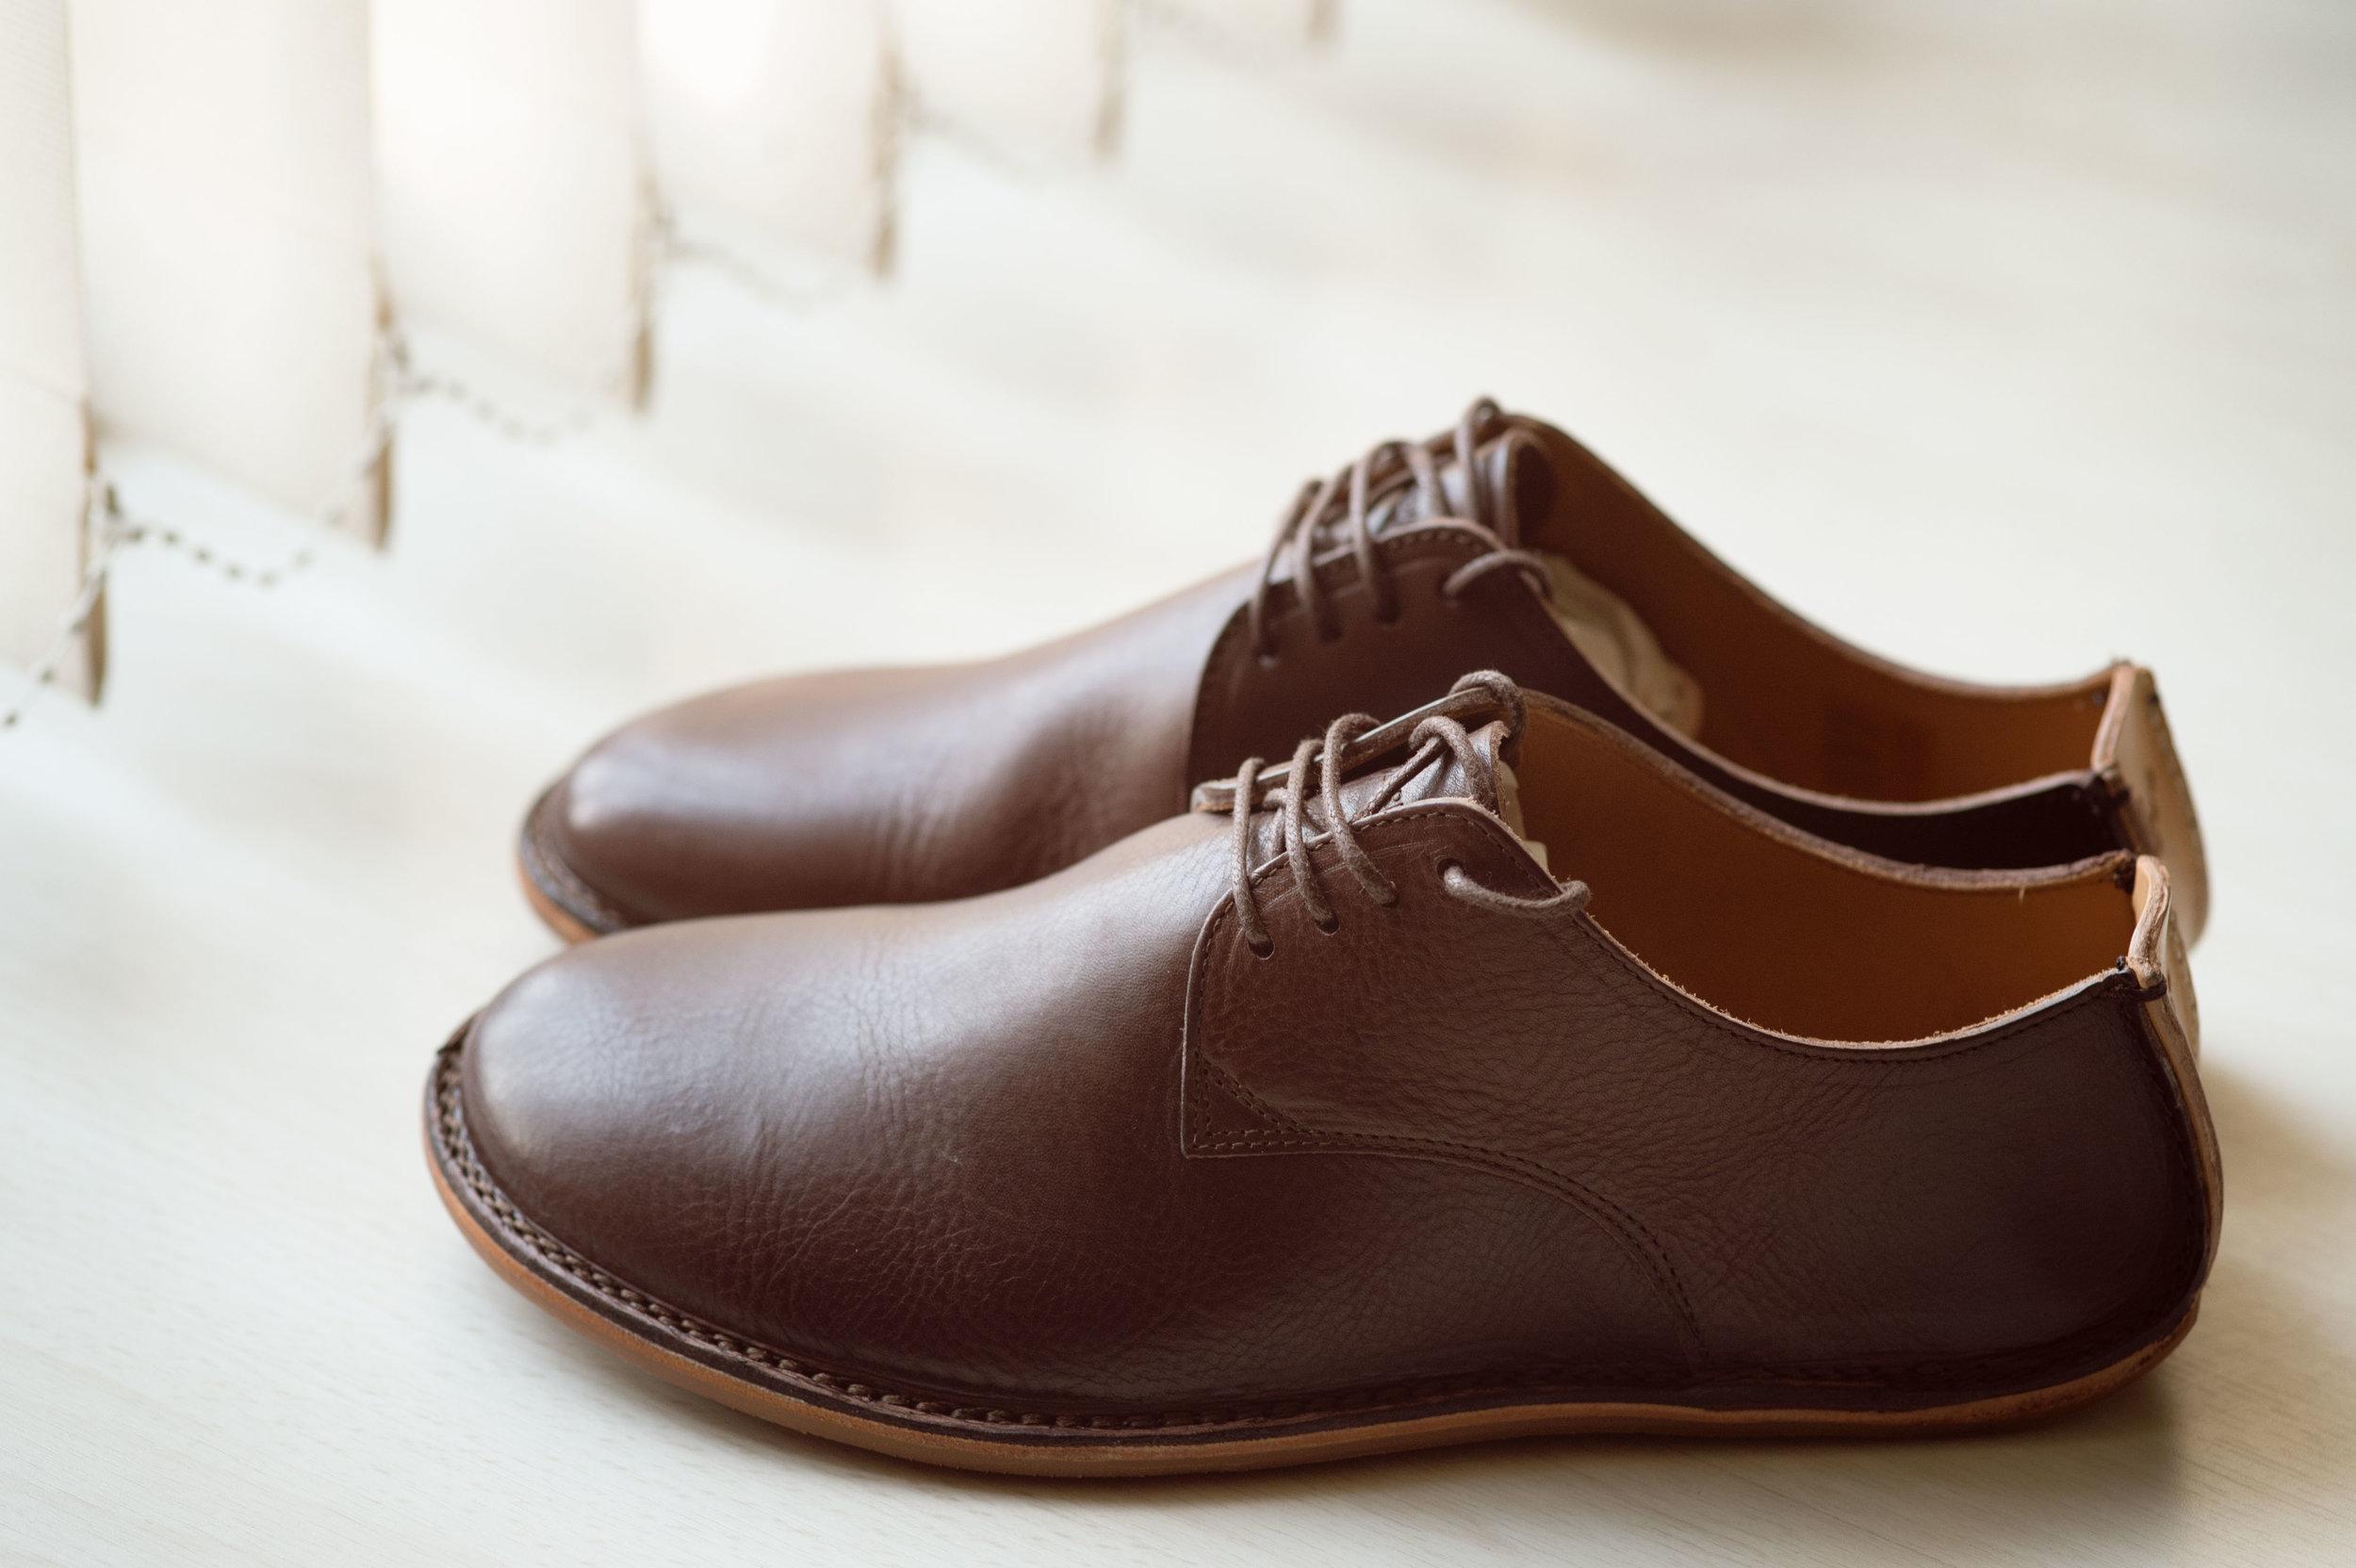 Barefoot_runner_office_shoes_thetrinerd_aniko_towers_photo-8.jpg